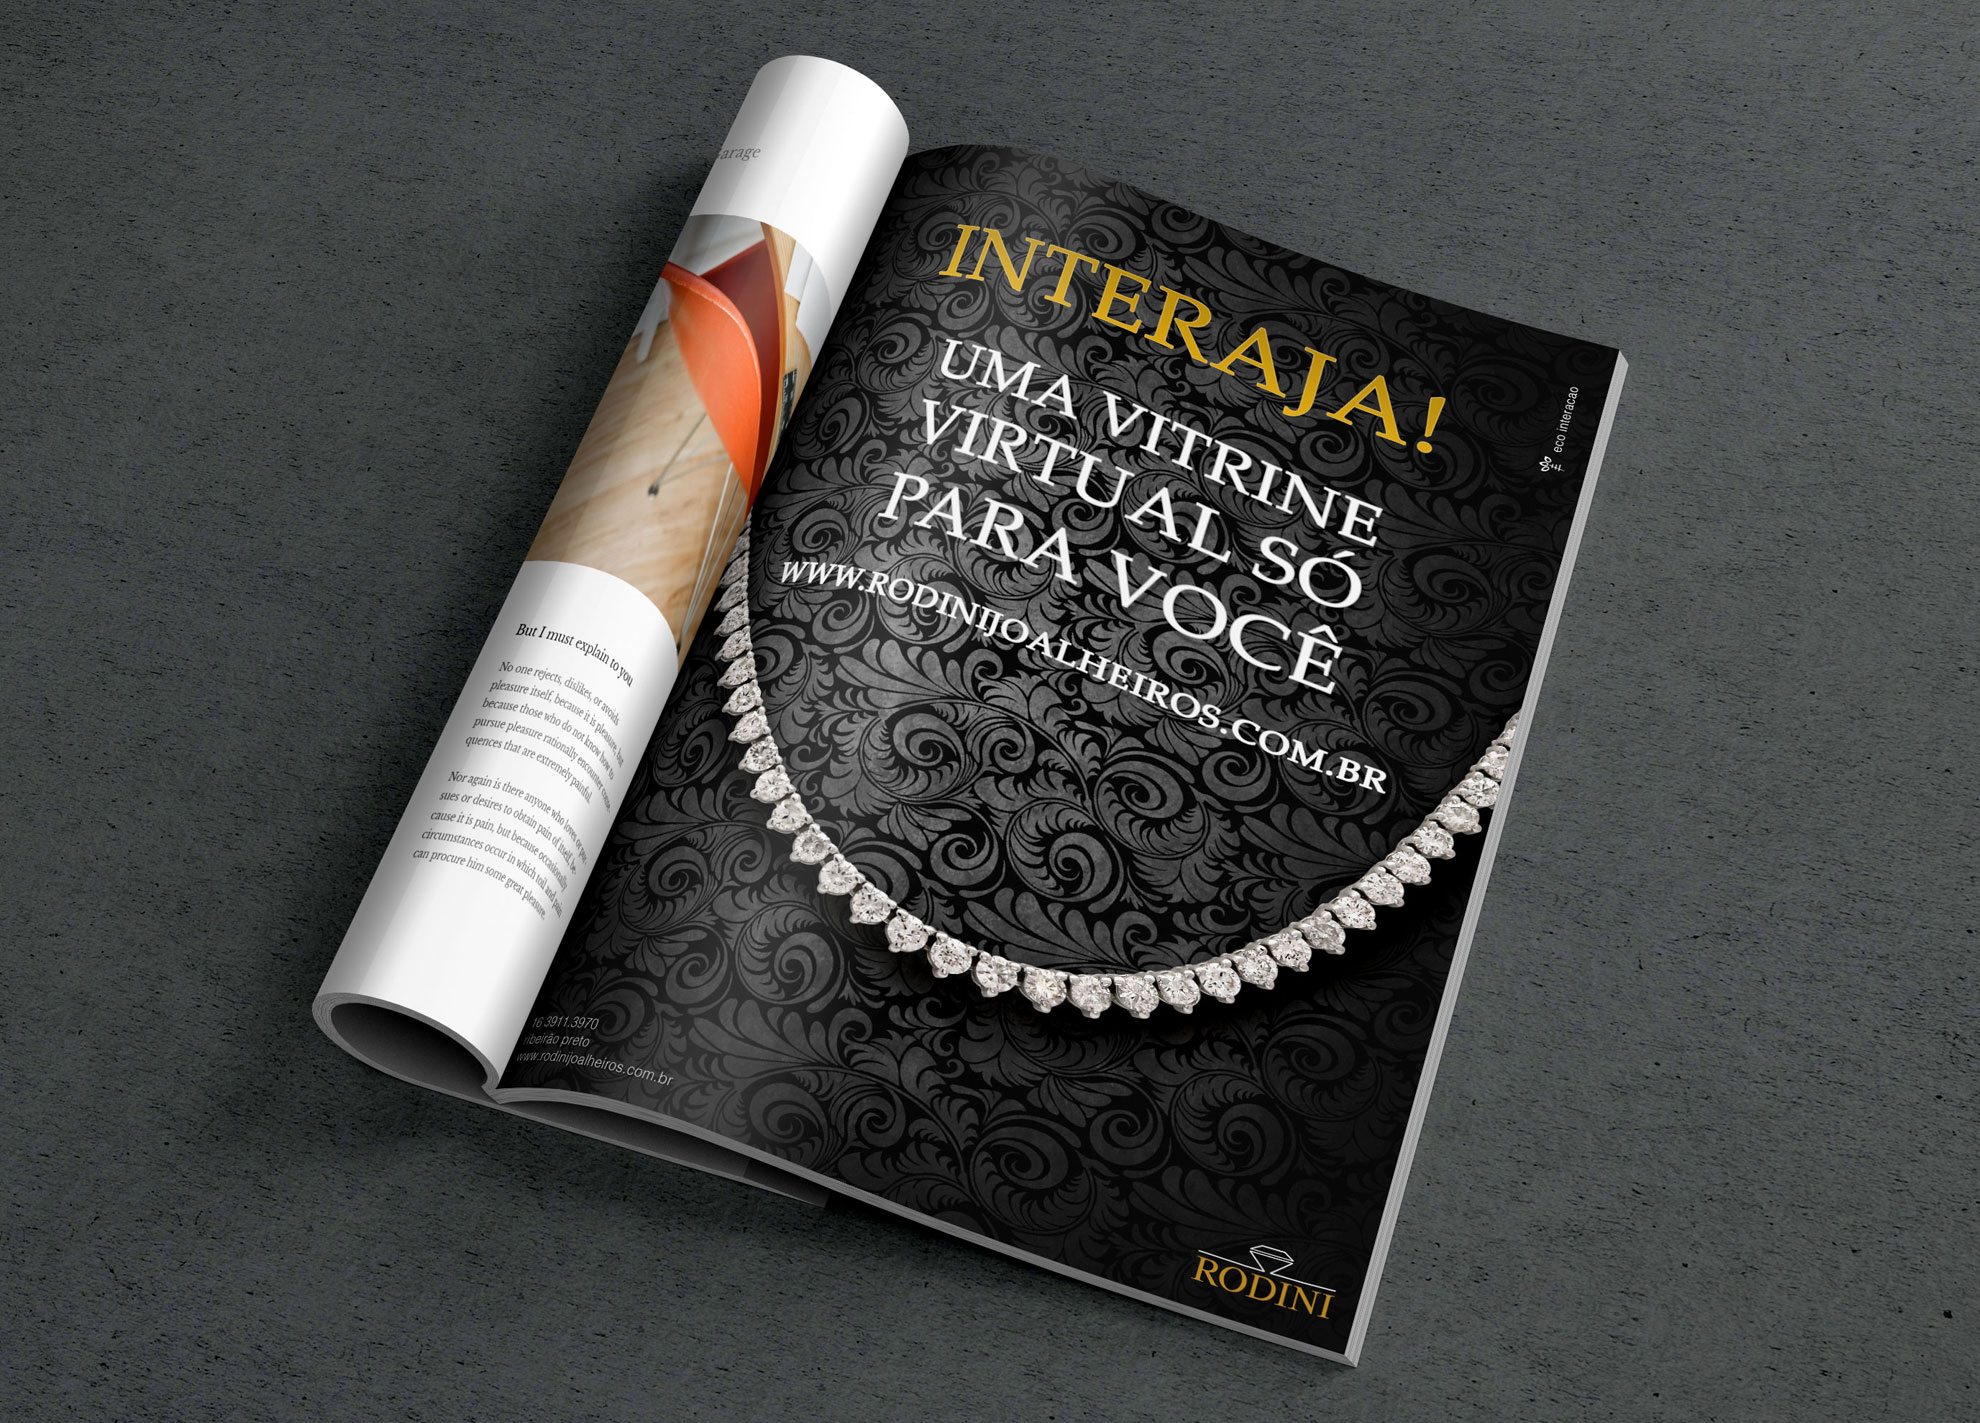 anuncio-rodini-joalheiros-revista-website